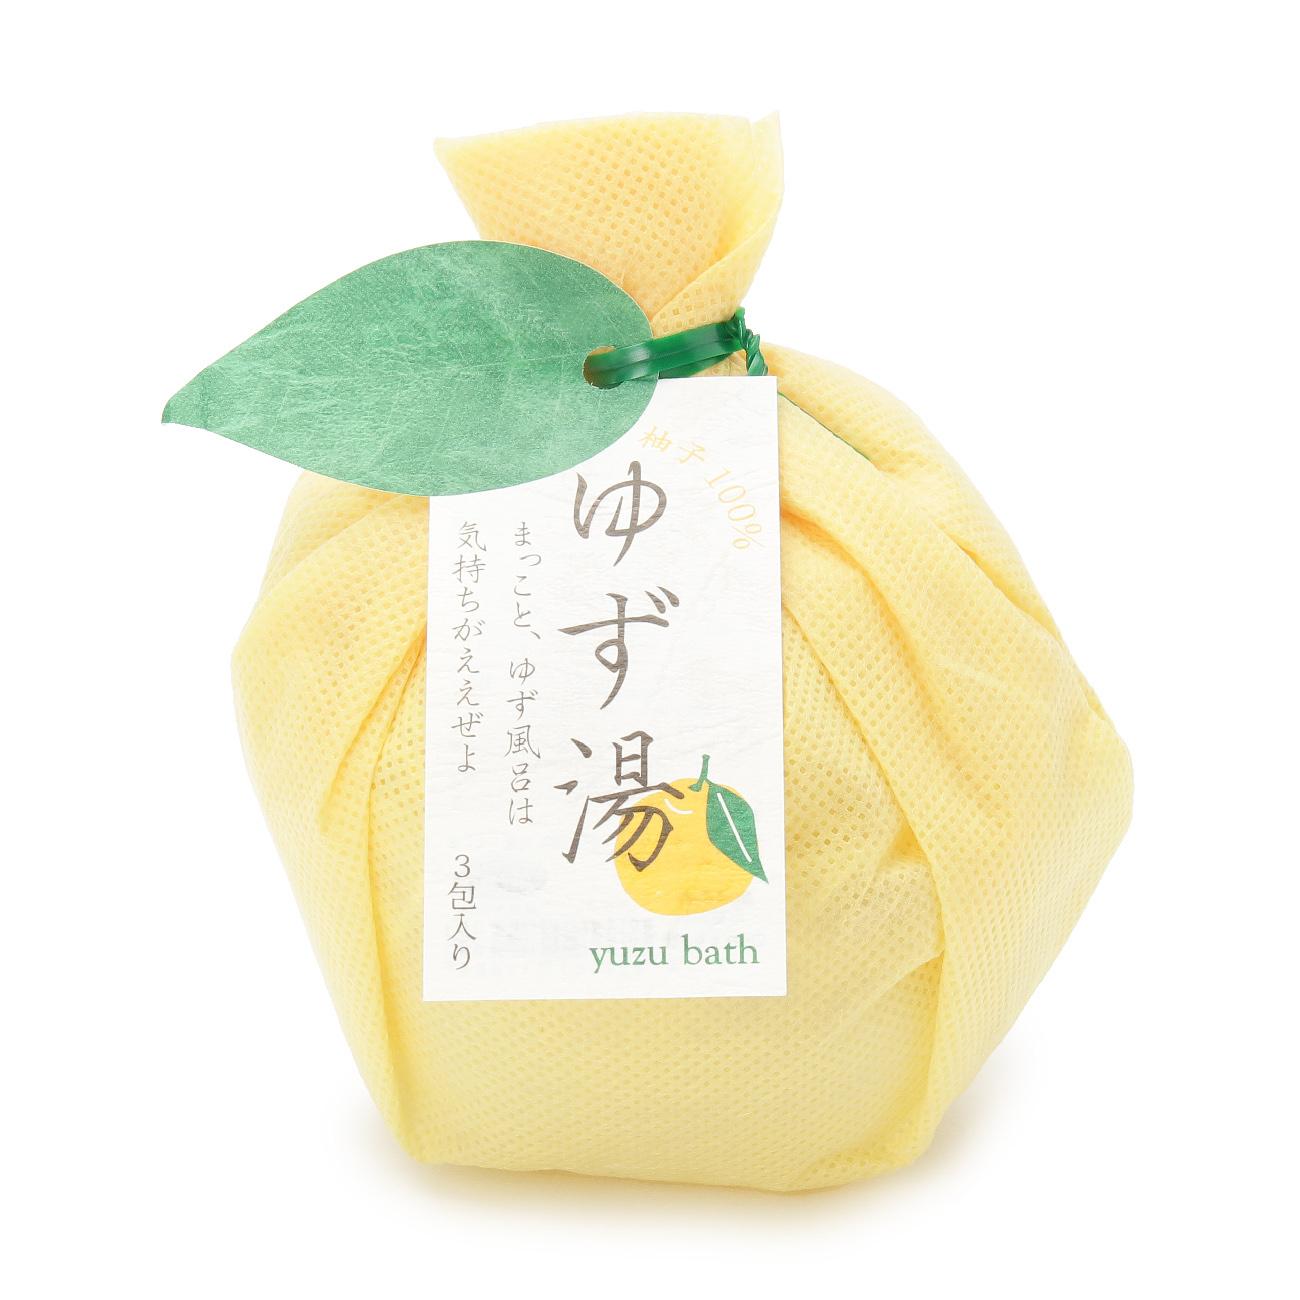 【grove (グローブ)】ゆず湯3包セットレディース ビューティー・コスメ|ボディケア イエロー